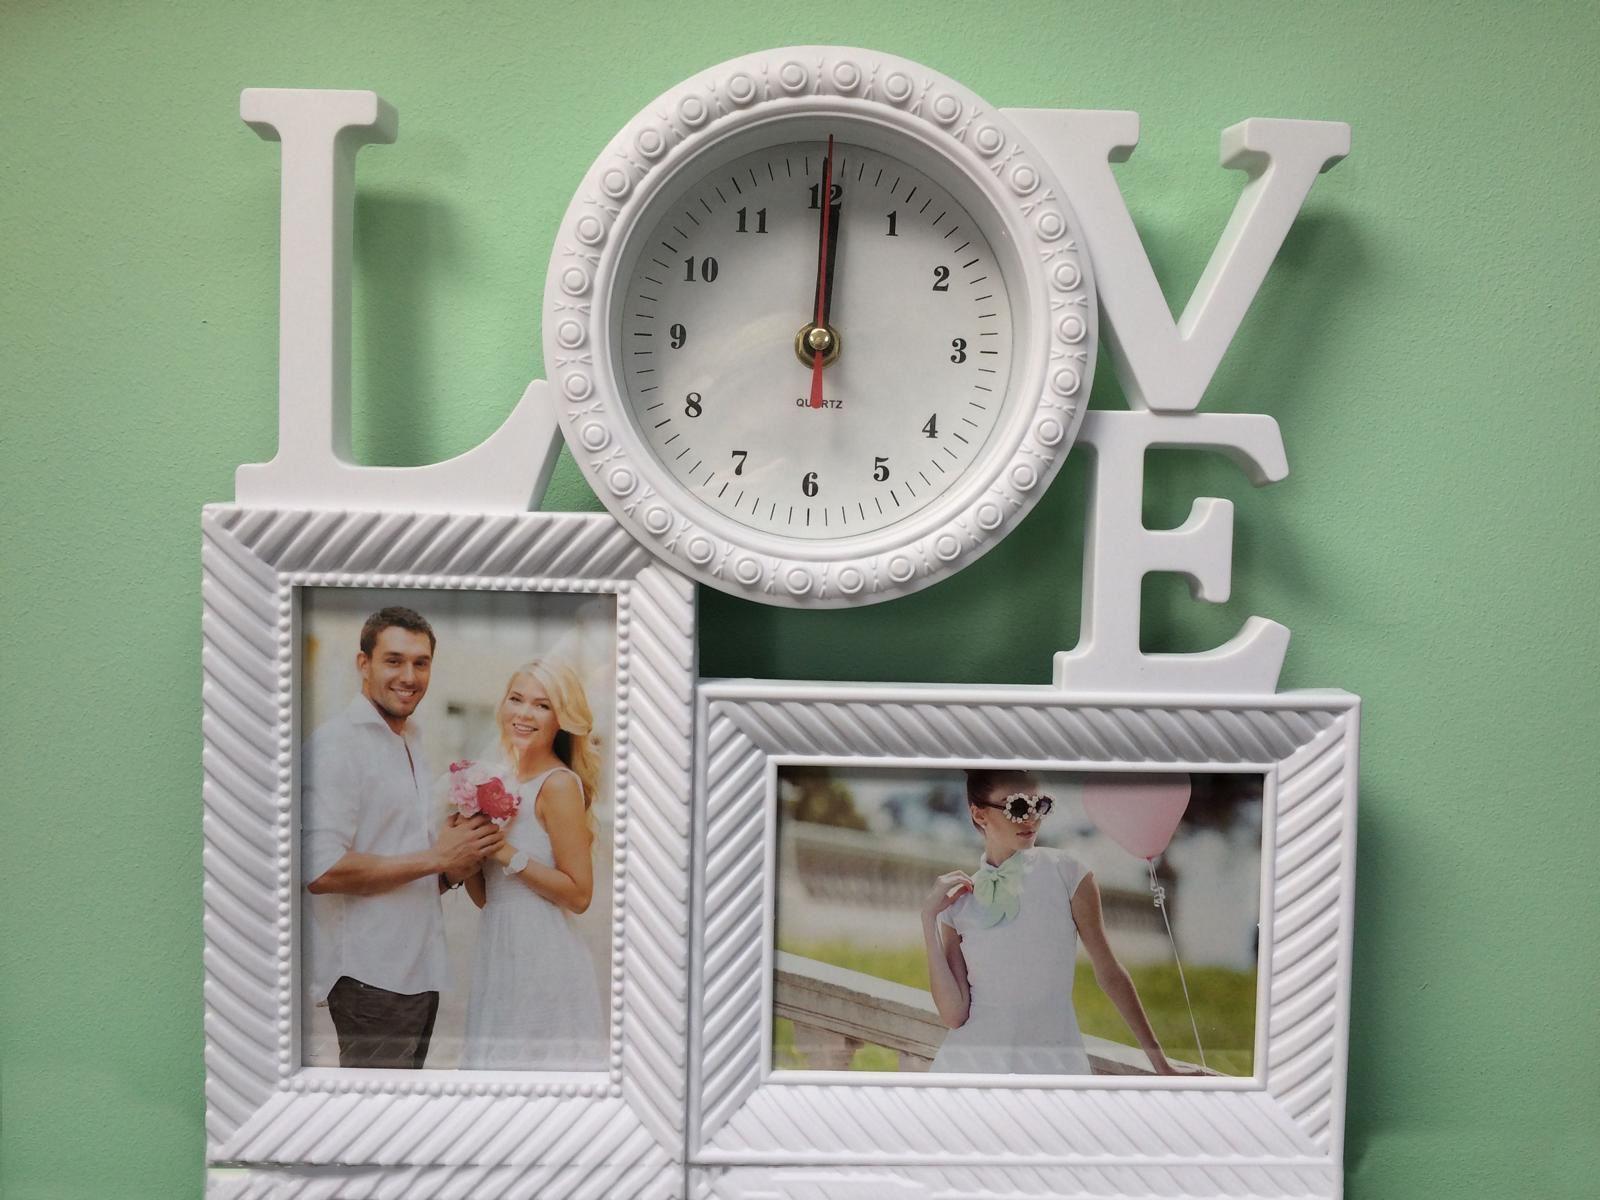 Fotorámeček LOVE s hodinami